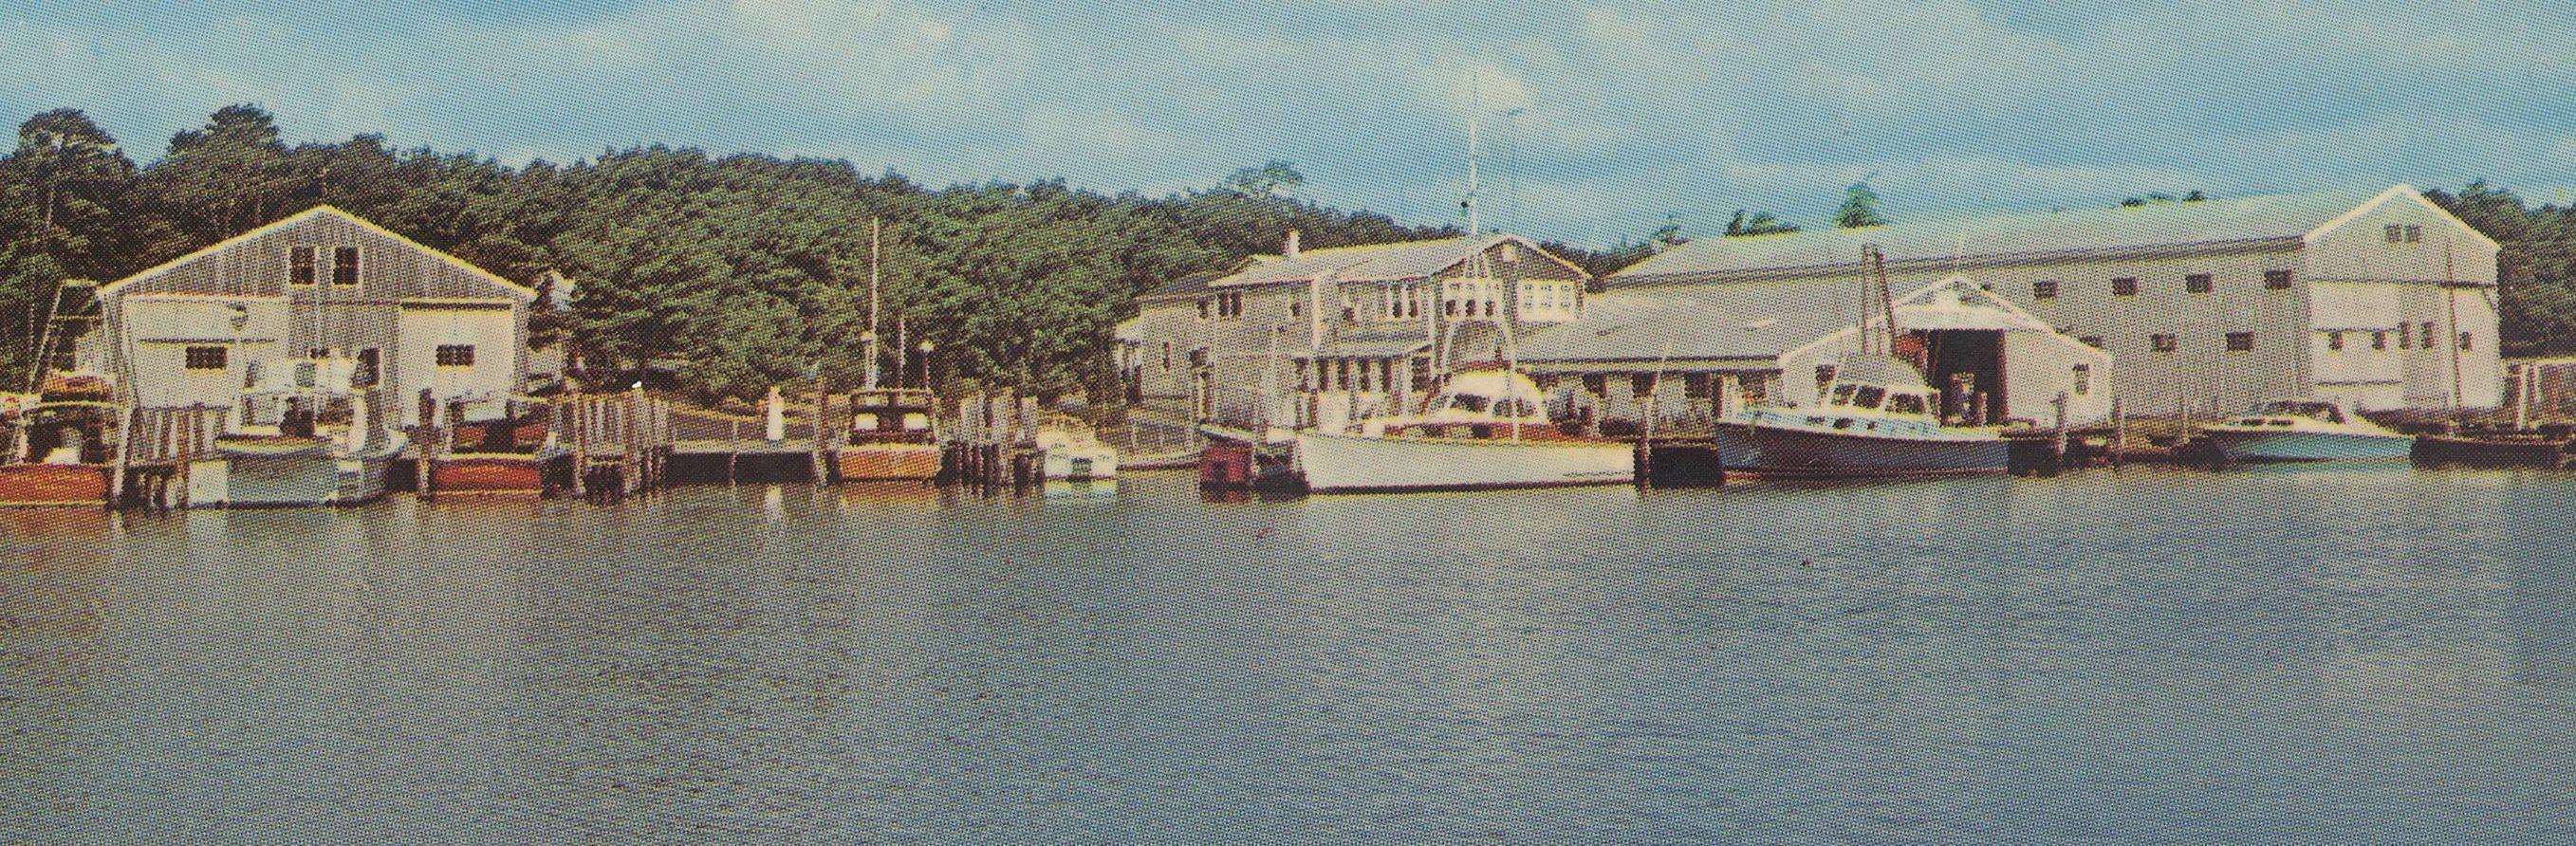 Edwards boat yard.